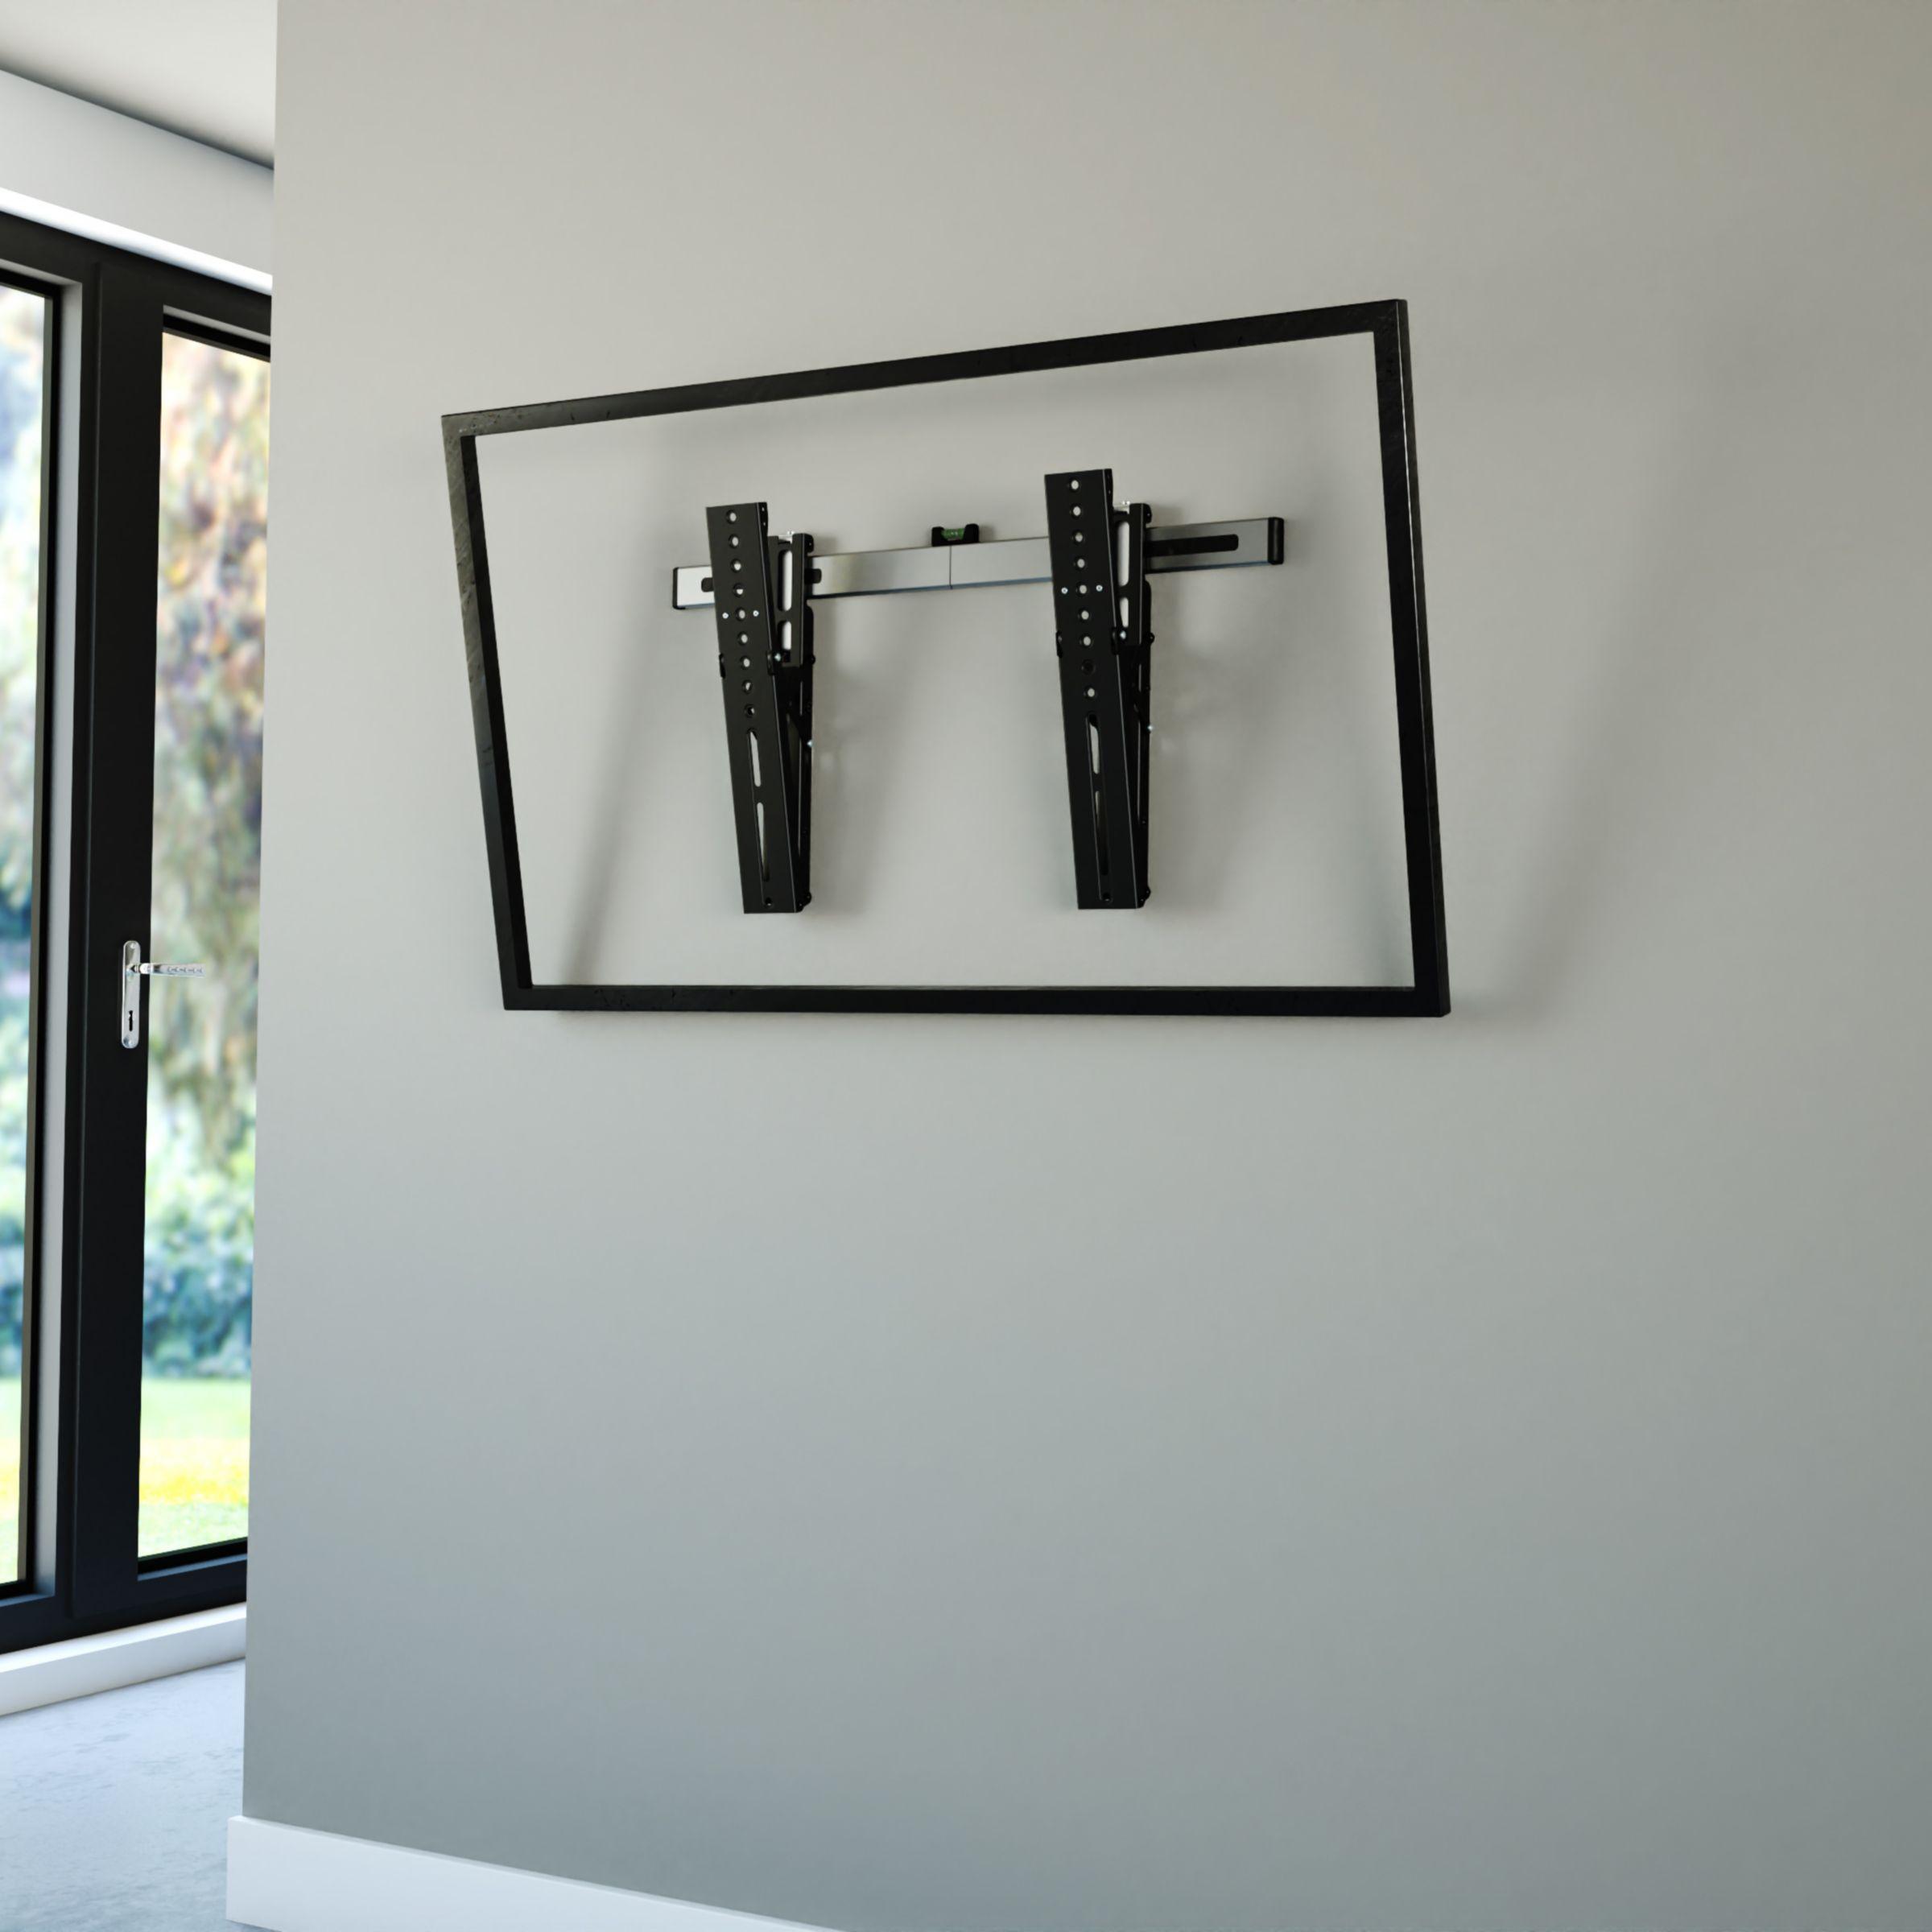 Tilting wall mount